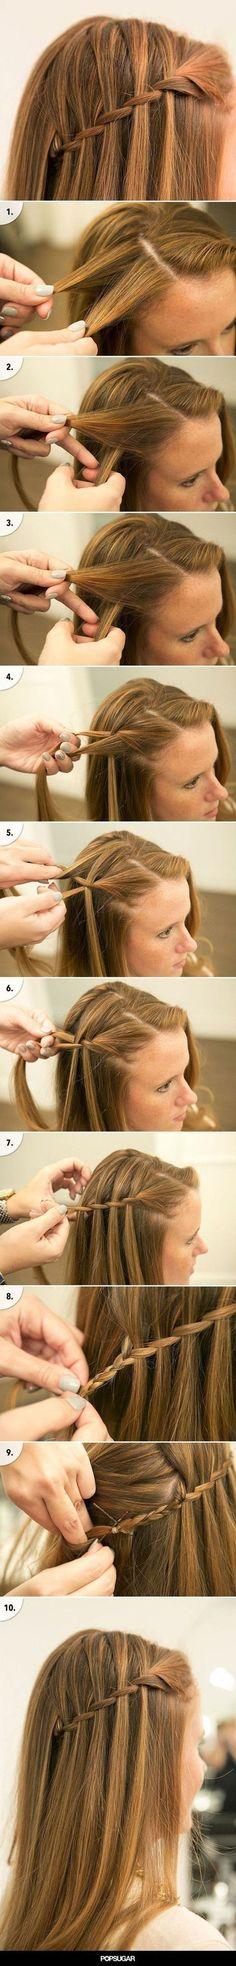 Fresh Easy to Frisuren für die Schule zu tun - Frisur -